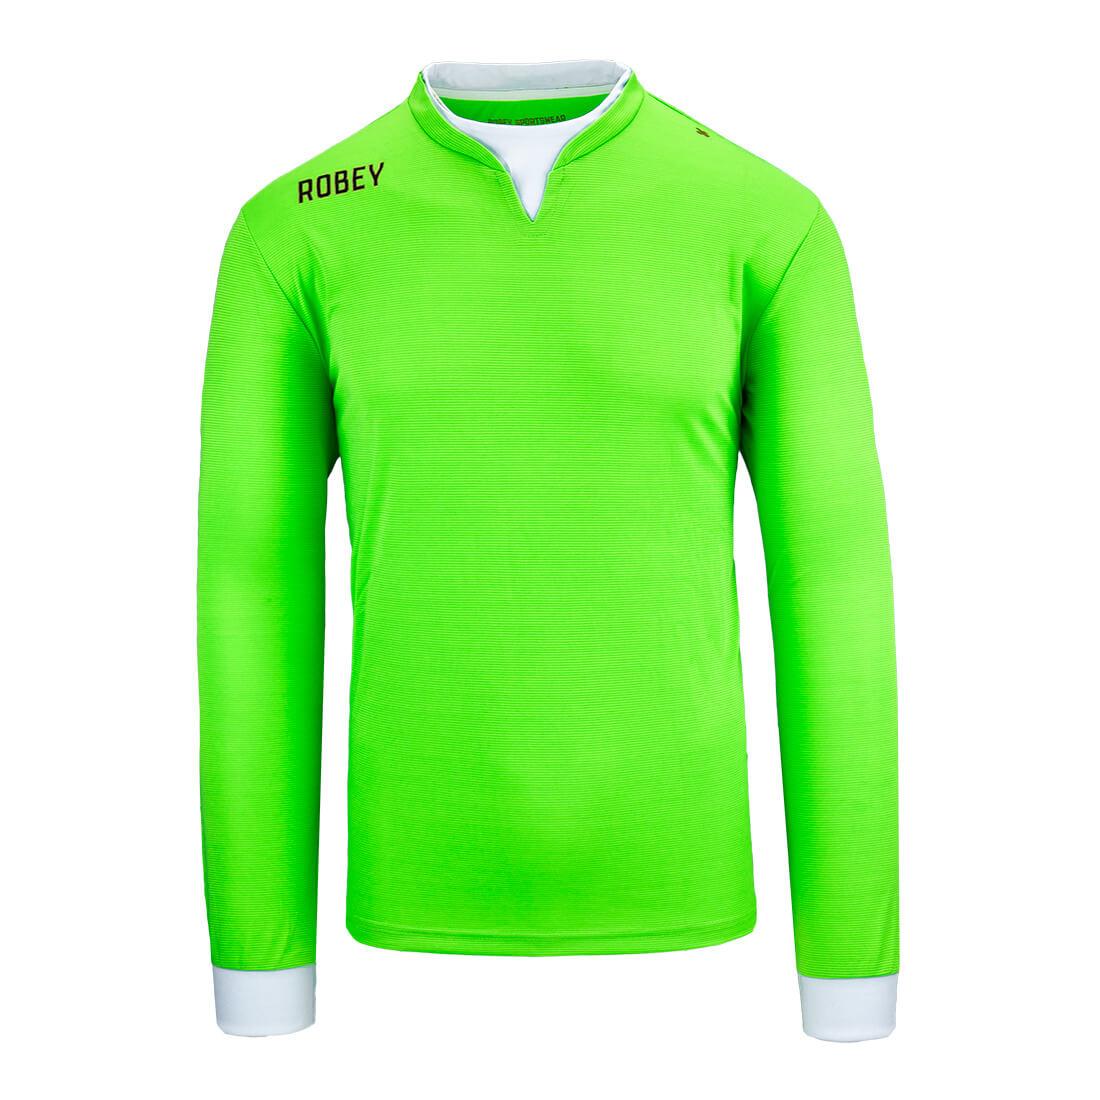 Robey Catch Goalkeeper LS Shirt - Neon Green